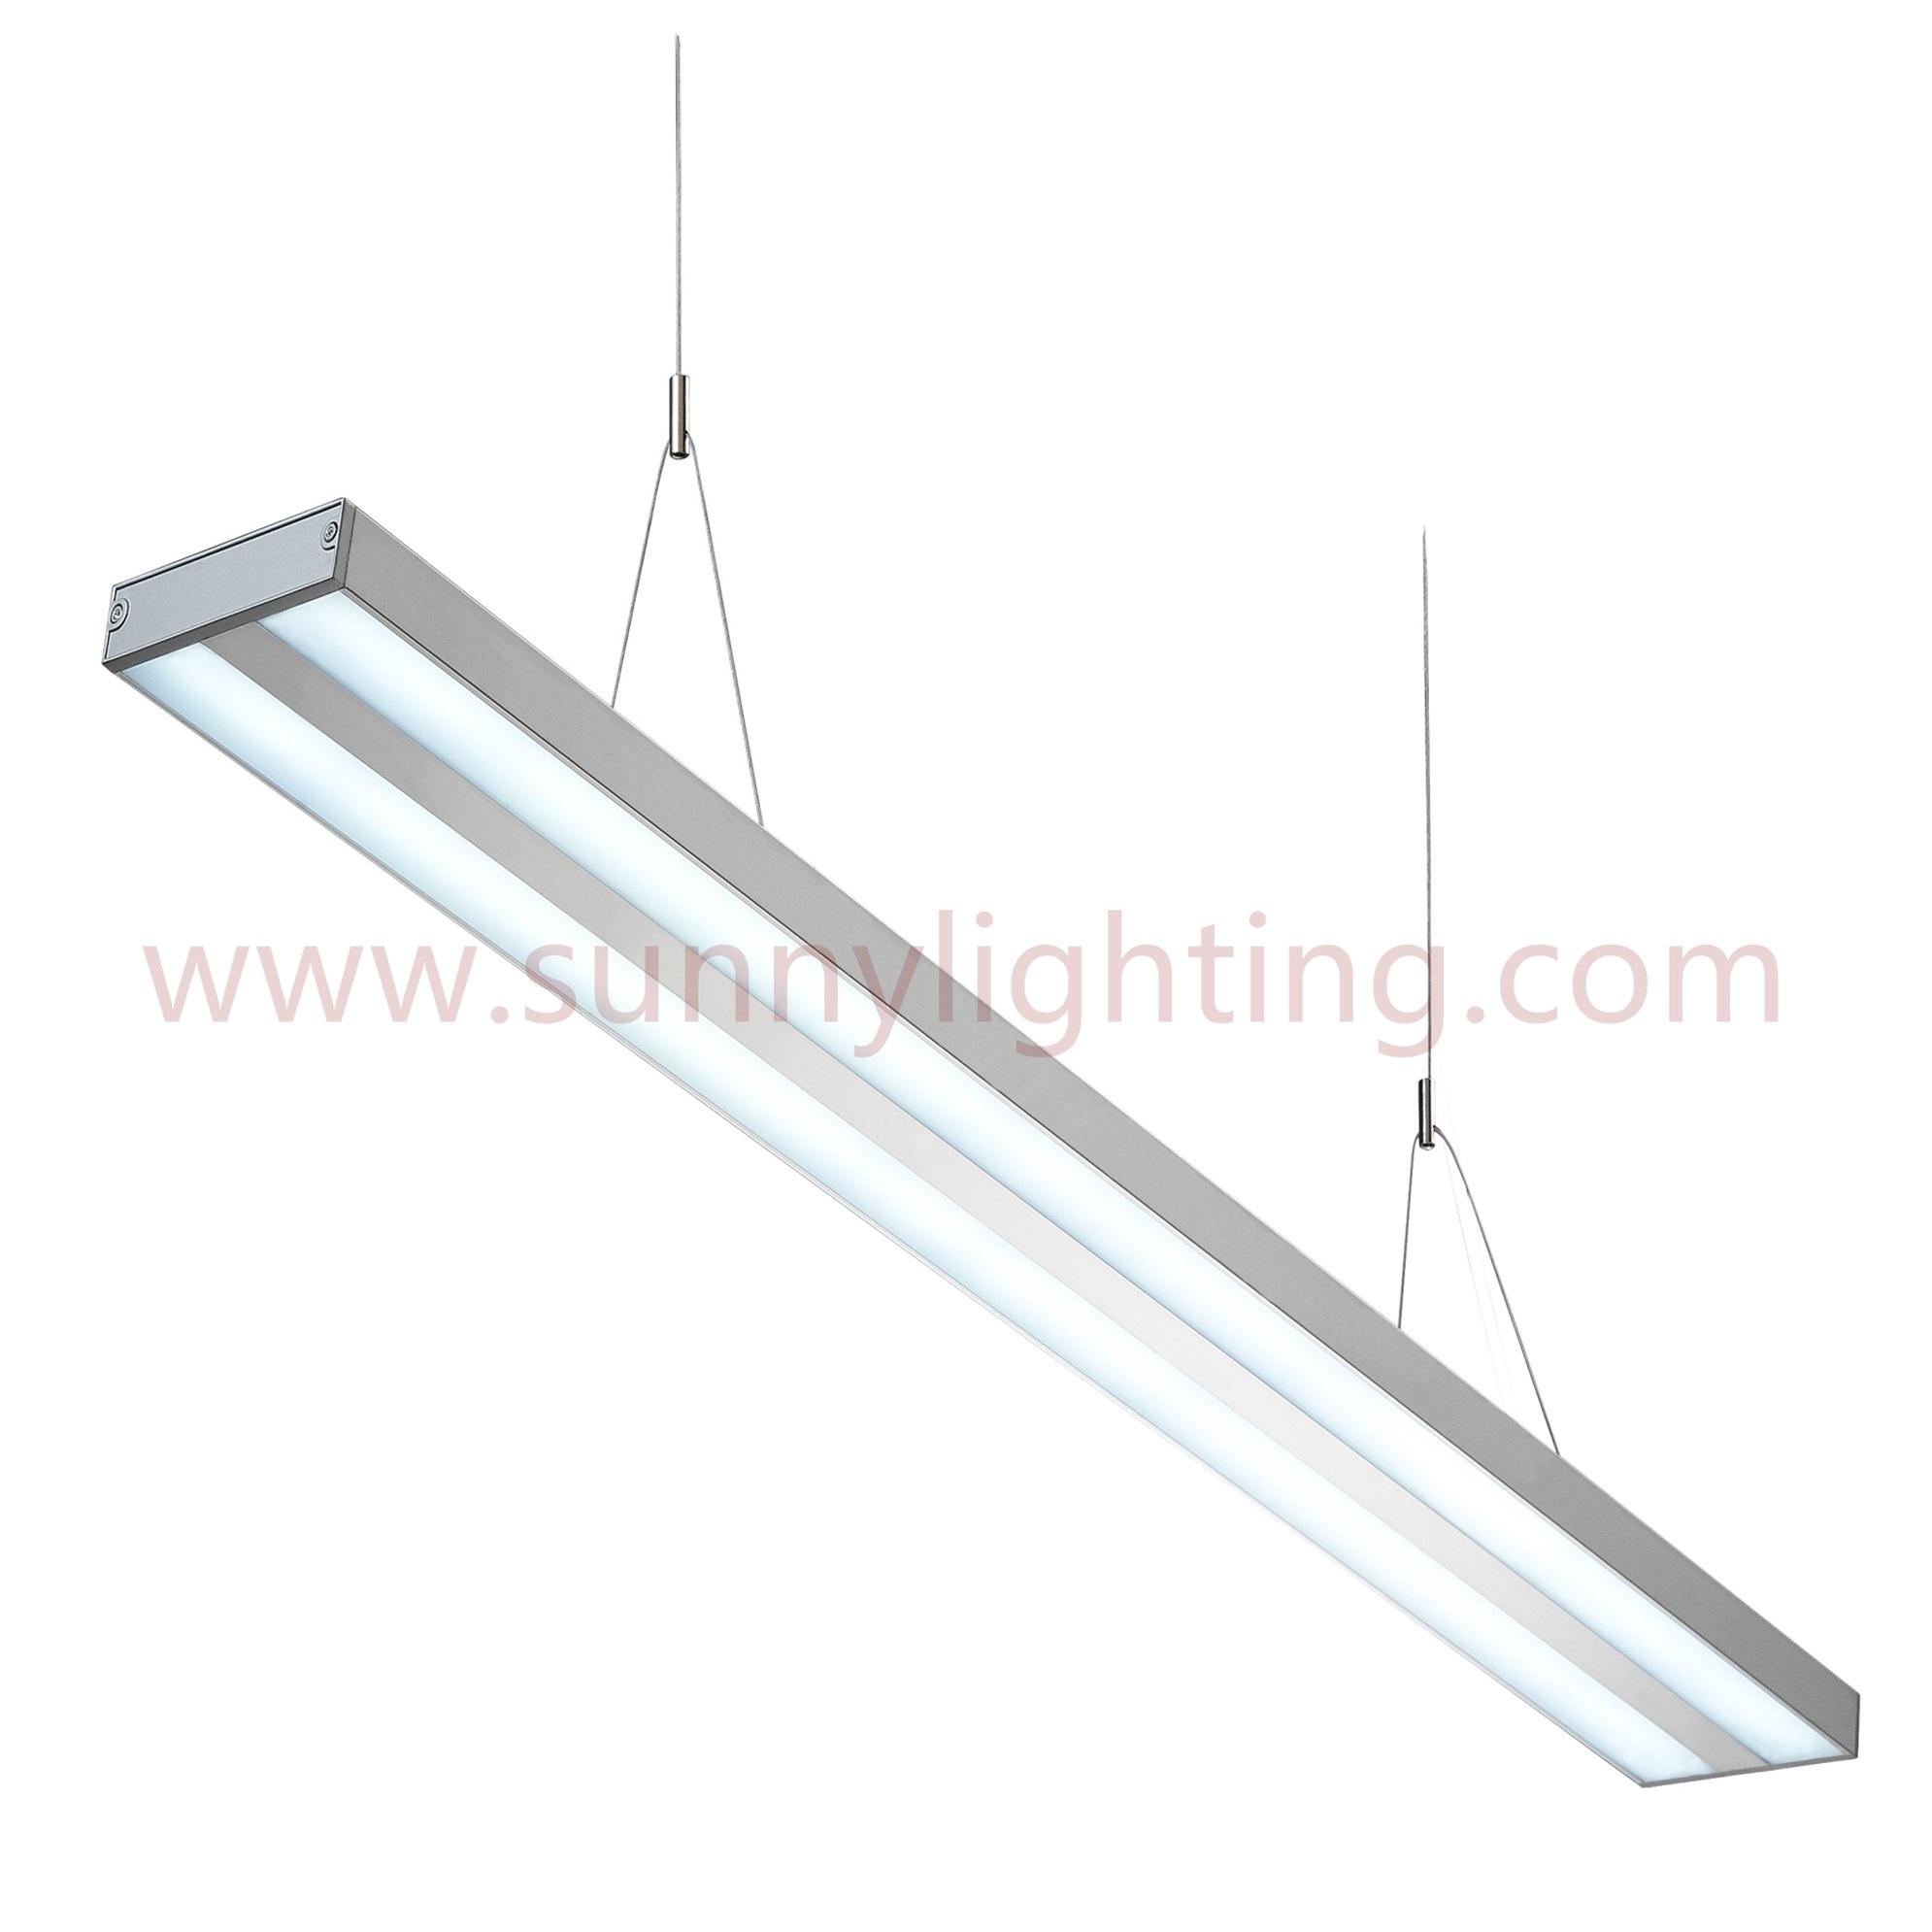 LED Linear Light 14.4W/21.6W/28.8W/36W LED-009